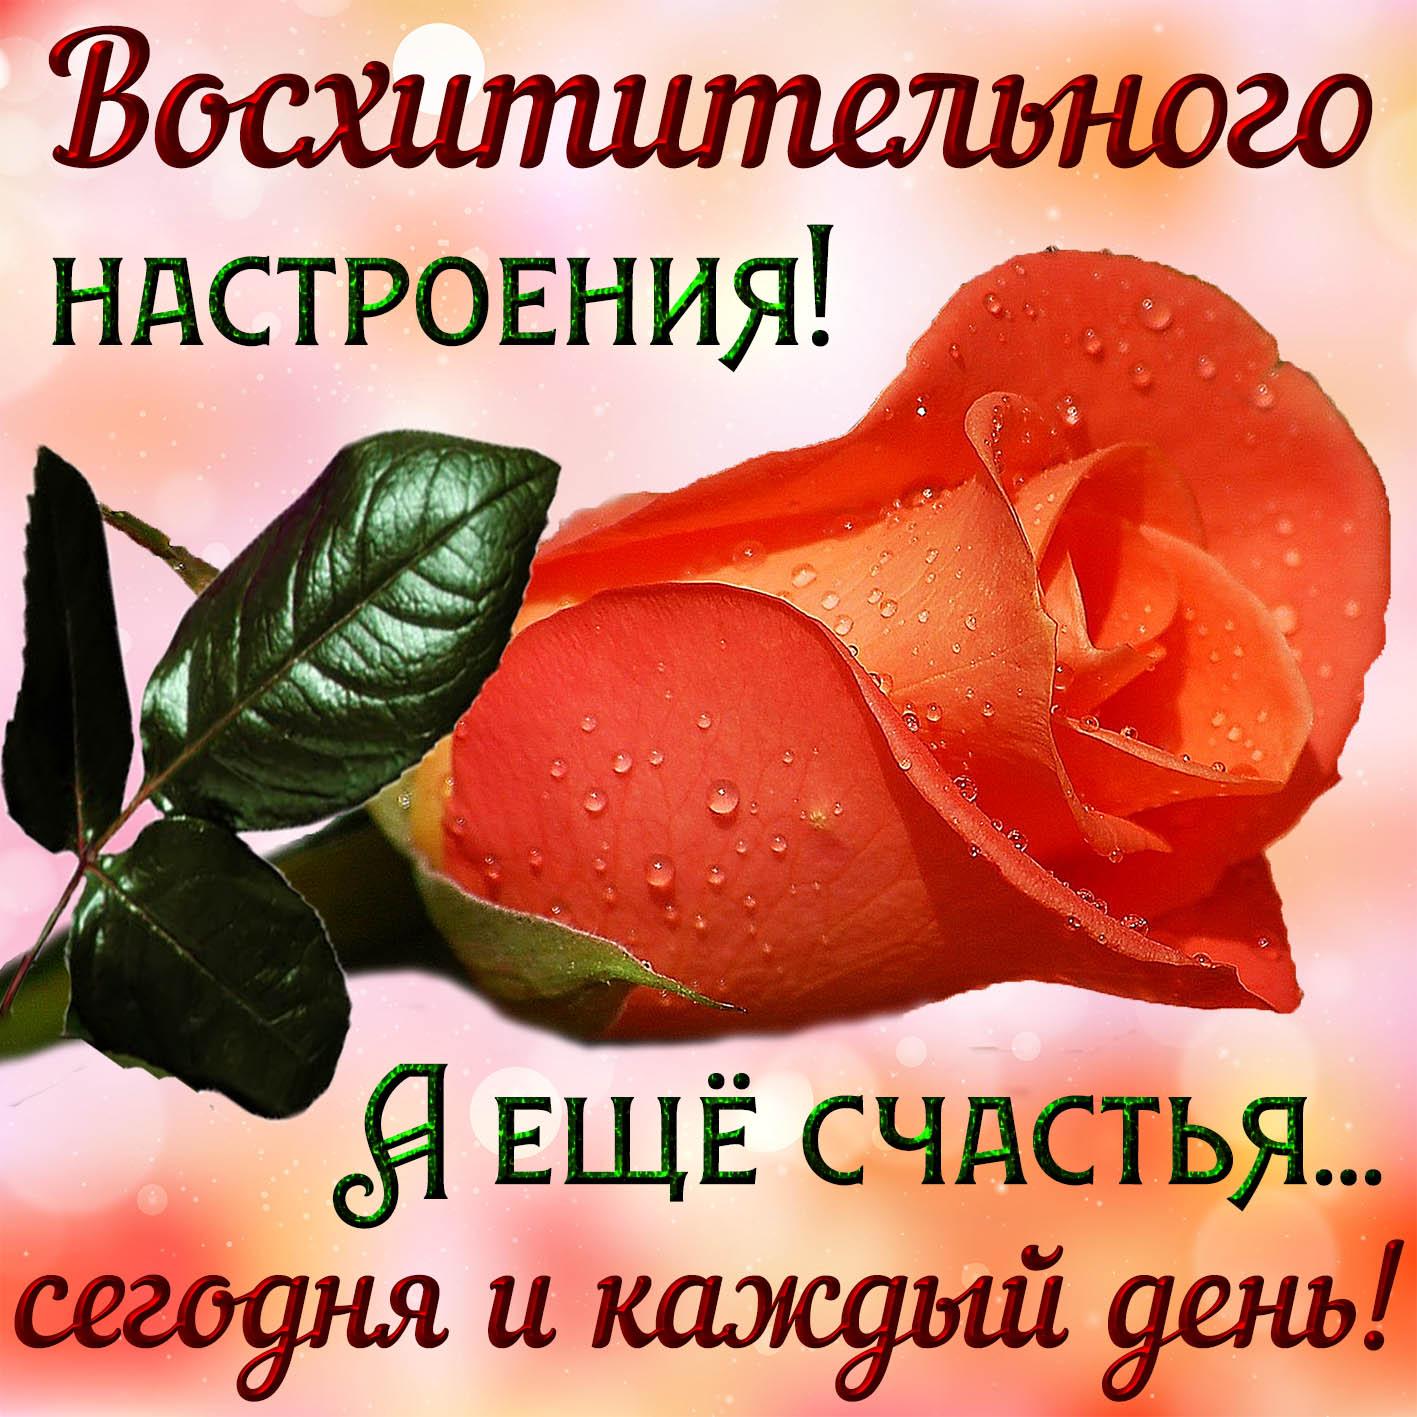 Открытка восхитительного настроения с розой и пожеланием счастья